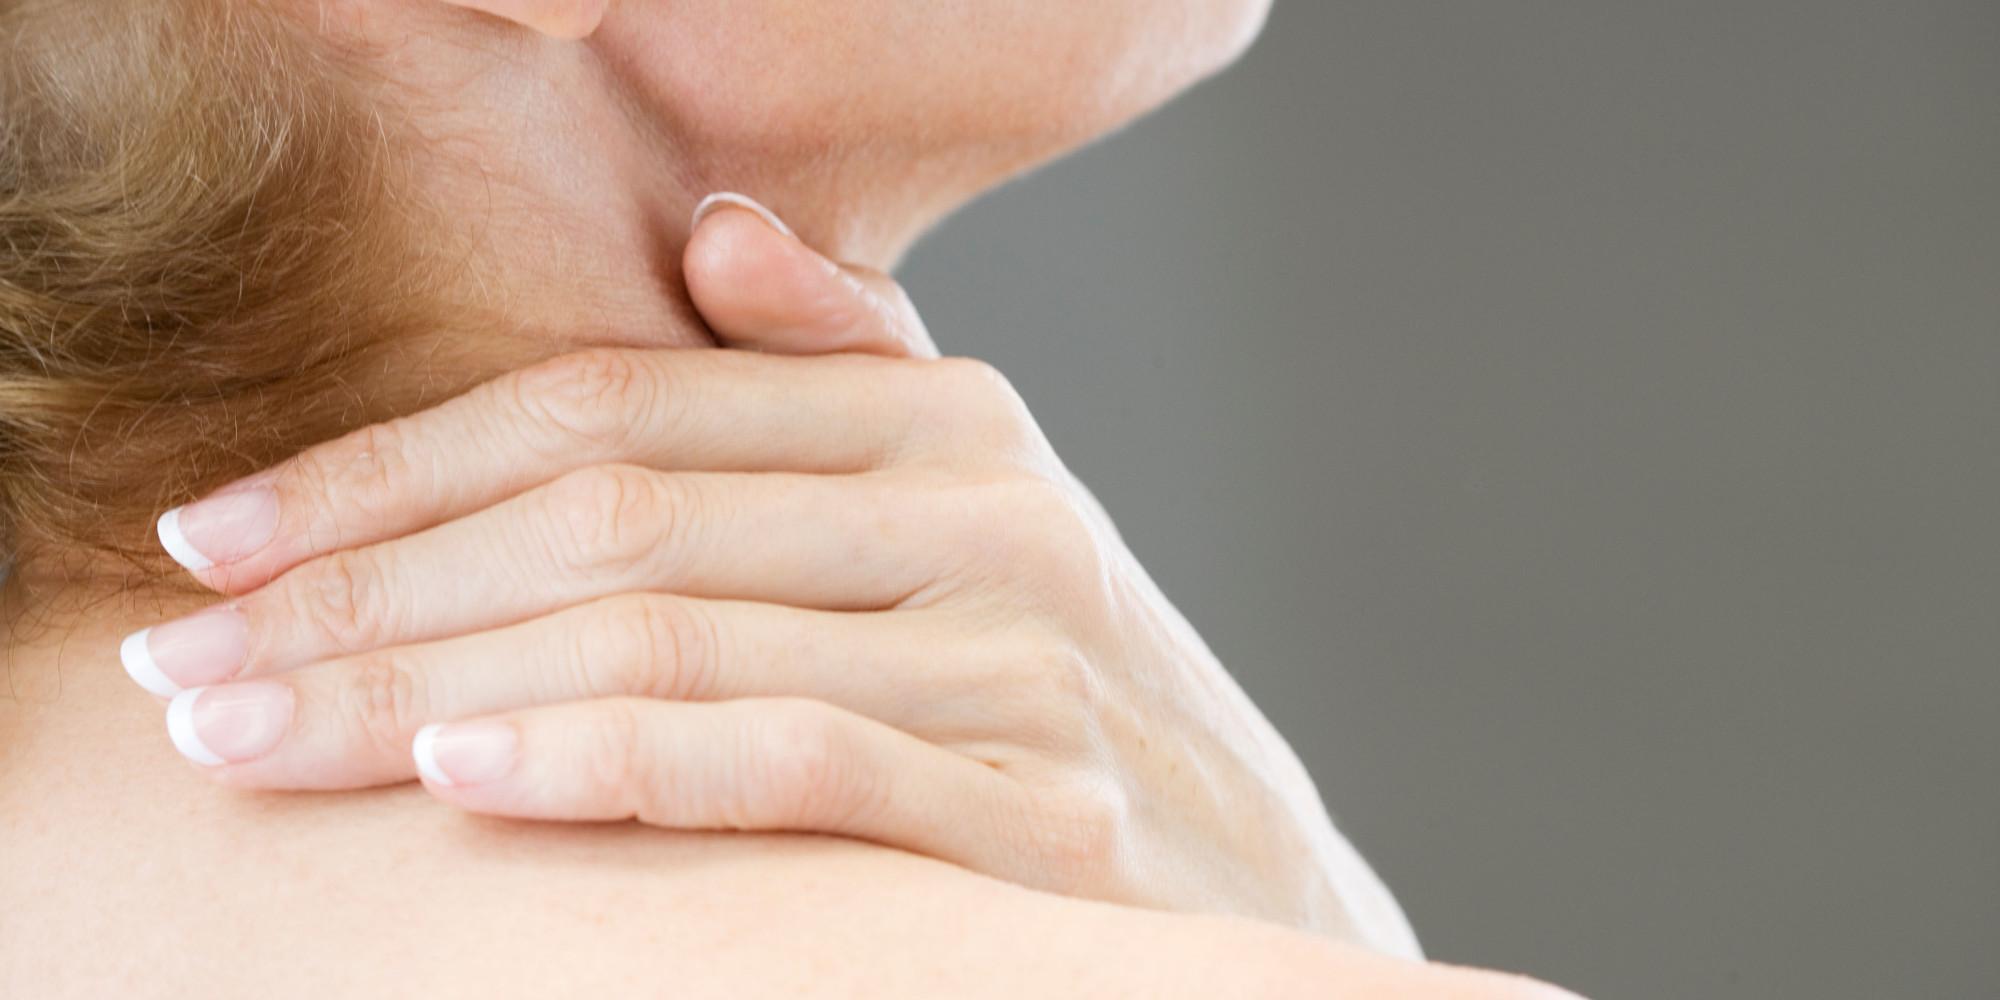 Au massage du dos fait mal le ventre